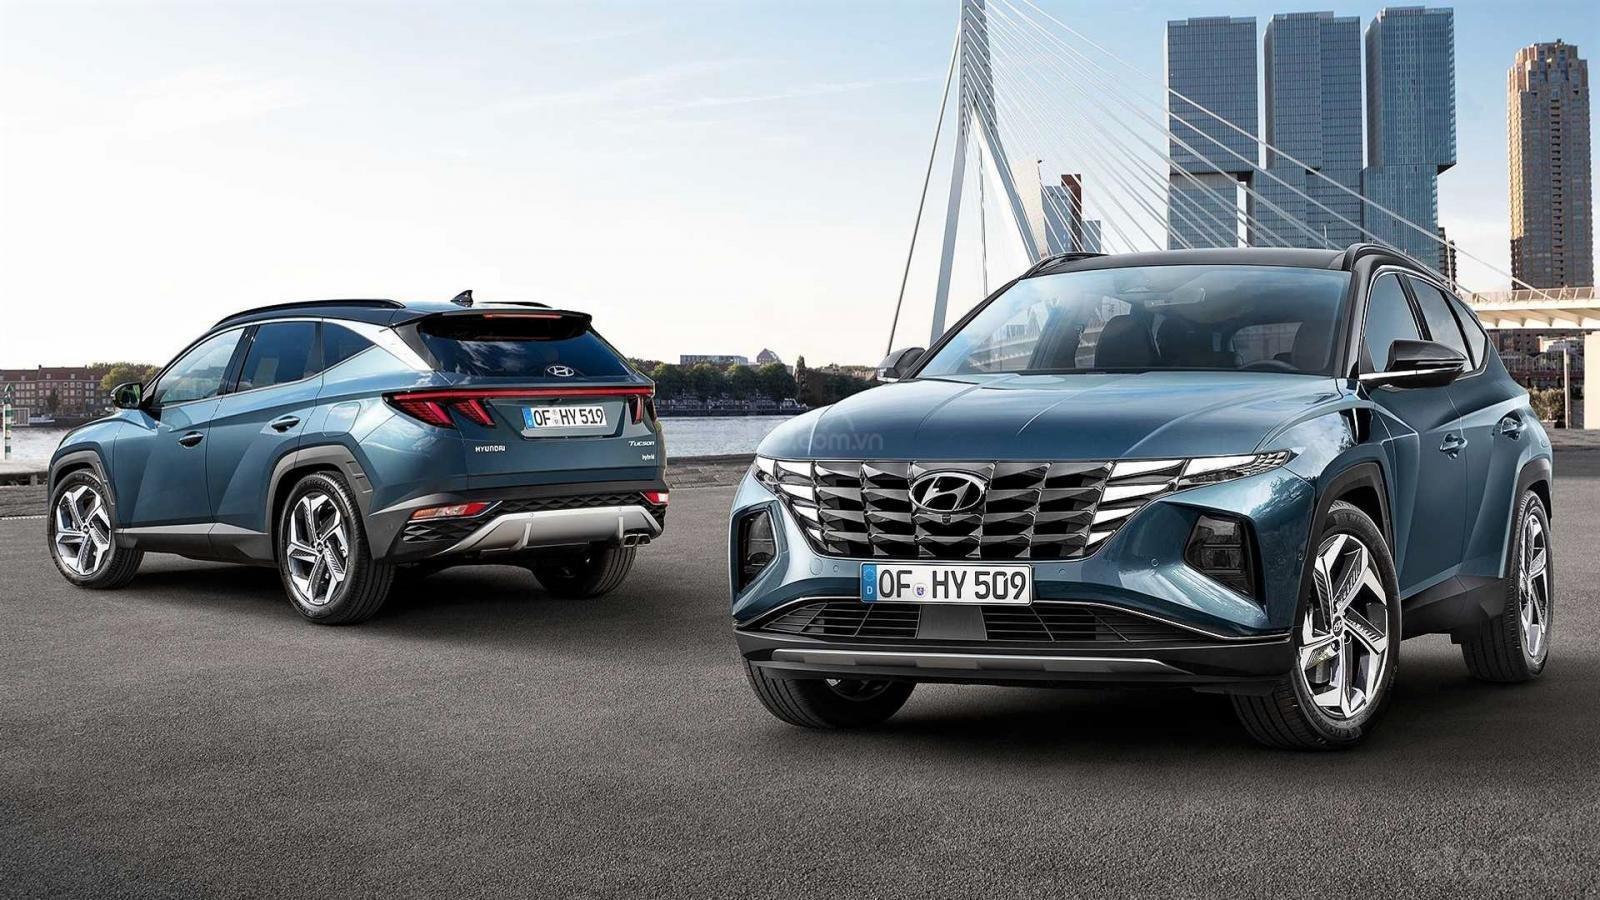 Hyundai Tucson thế hệ 4 mới ra mắt tại Hàn Quốc 1